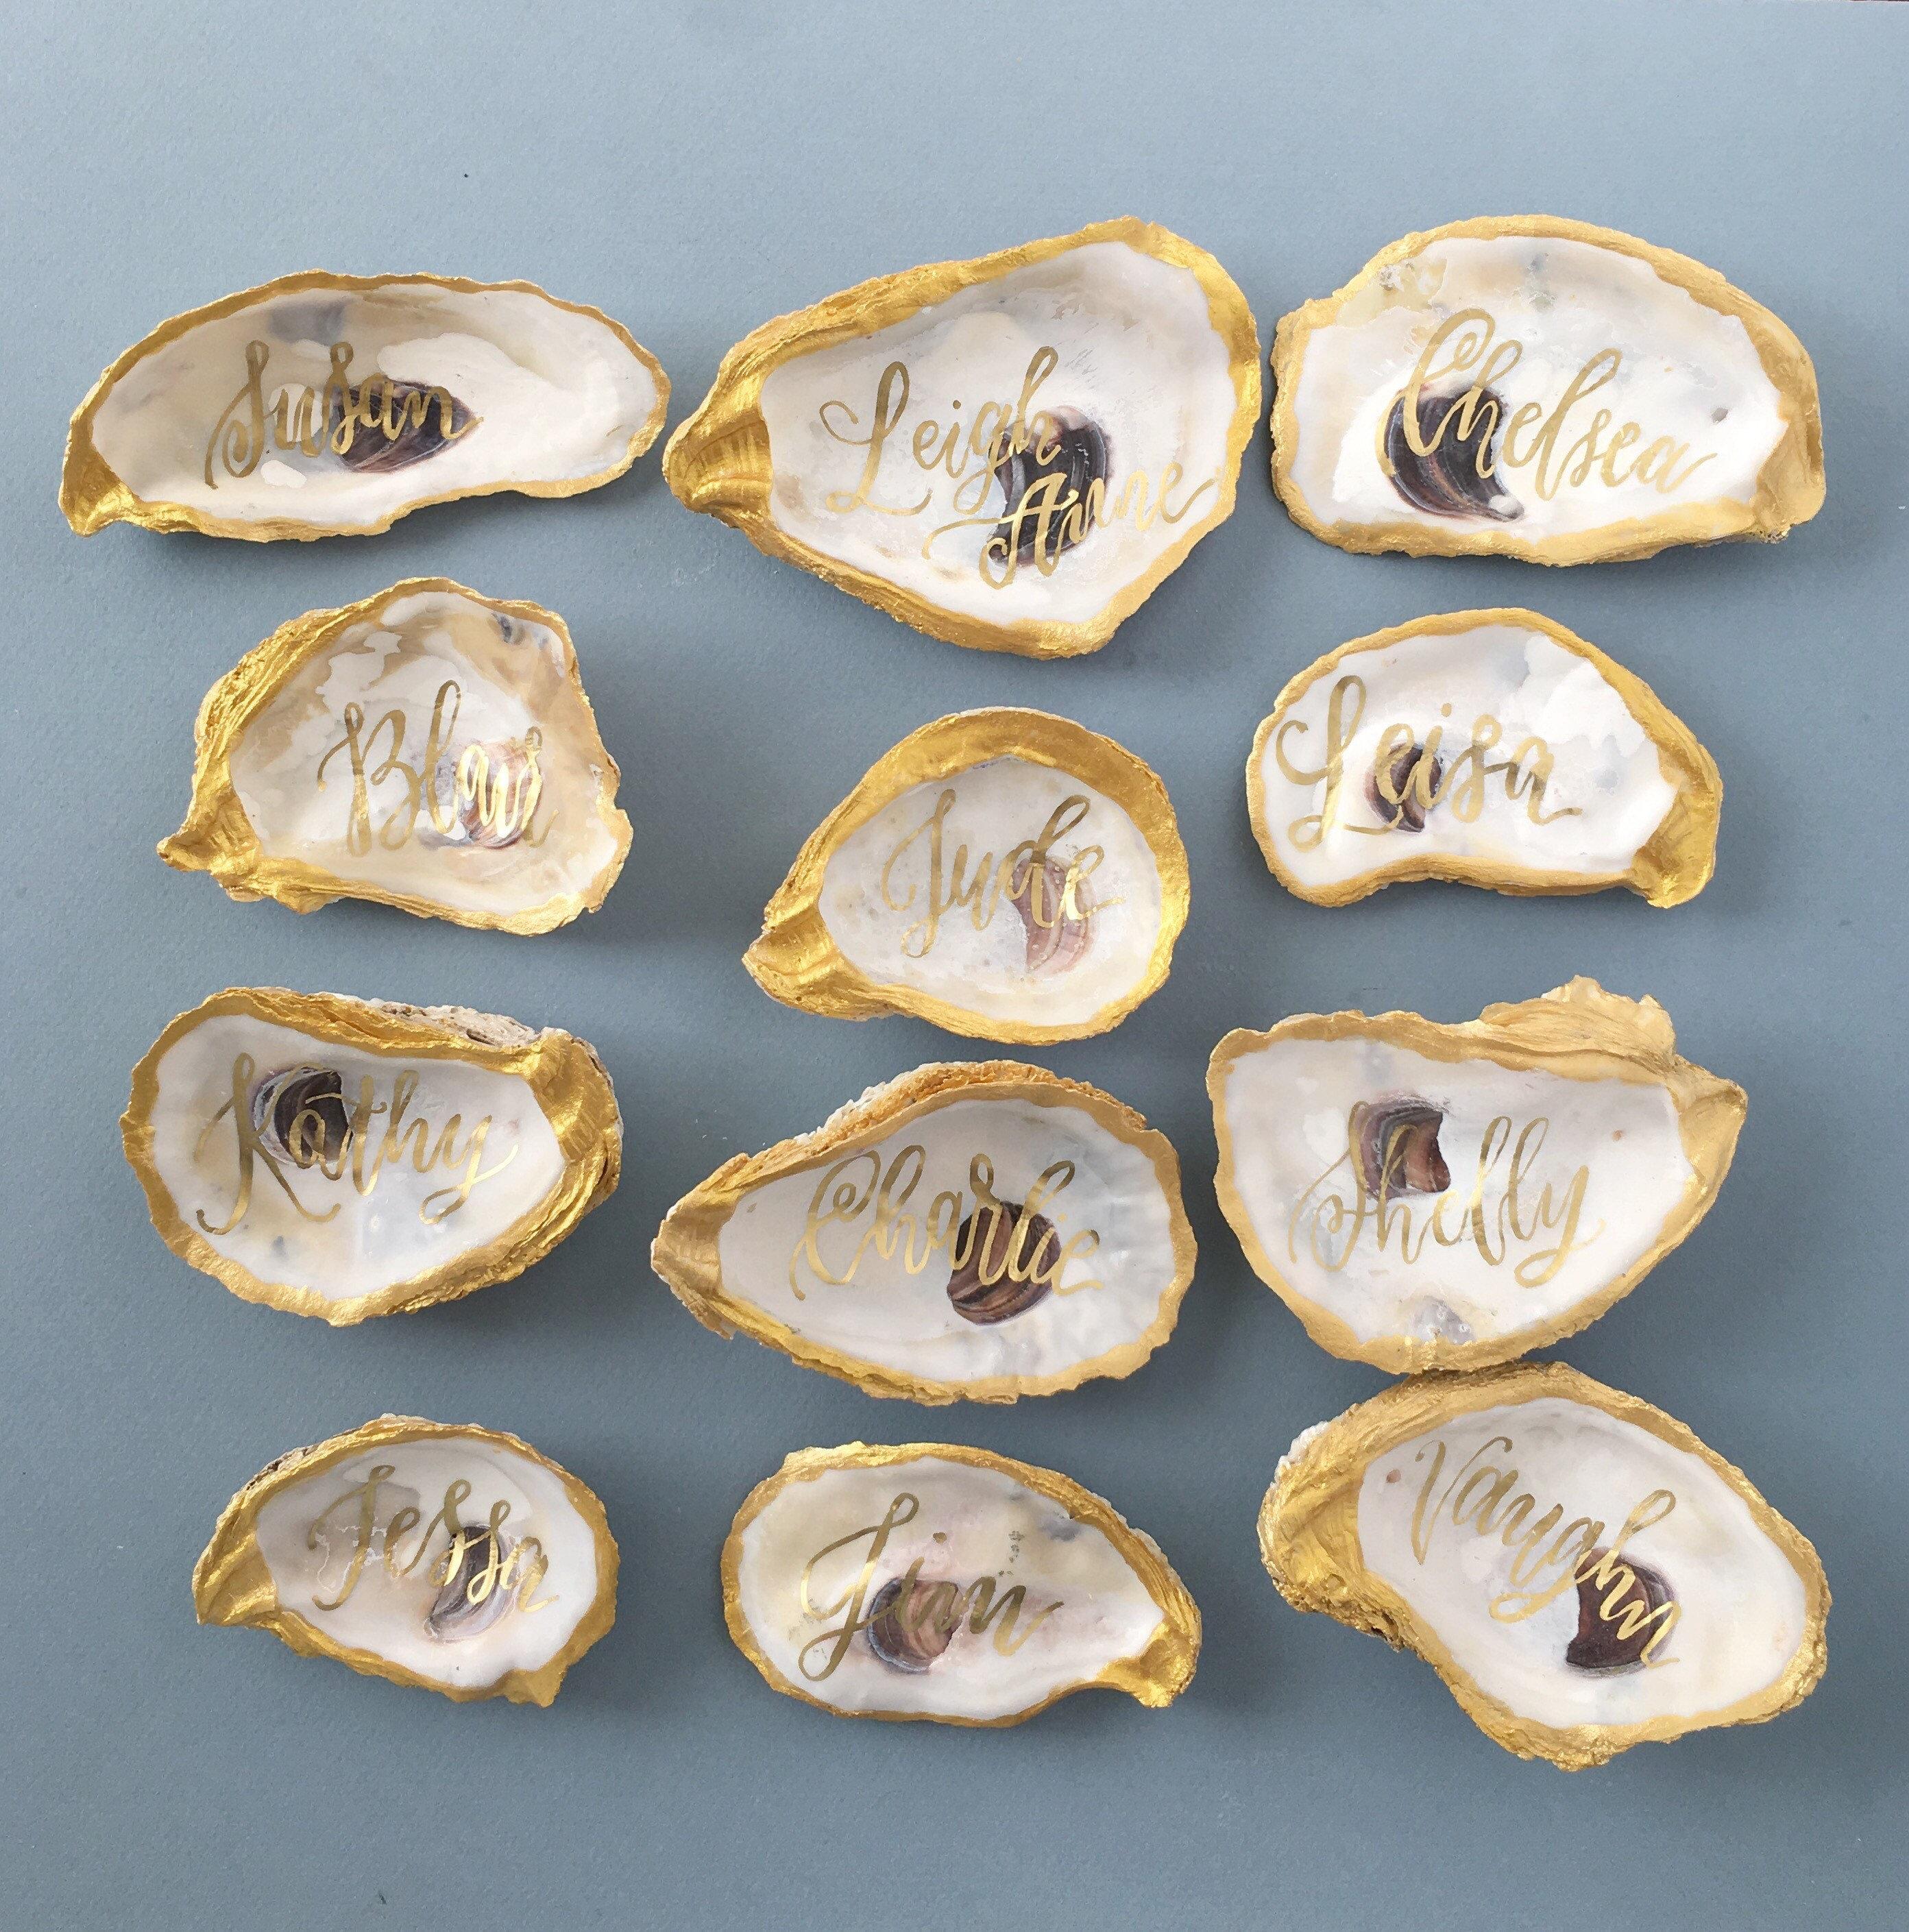 Goldfolie Austern Muscheln Tischkarten Karten Tischkarten   Etsy